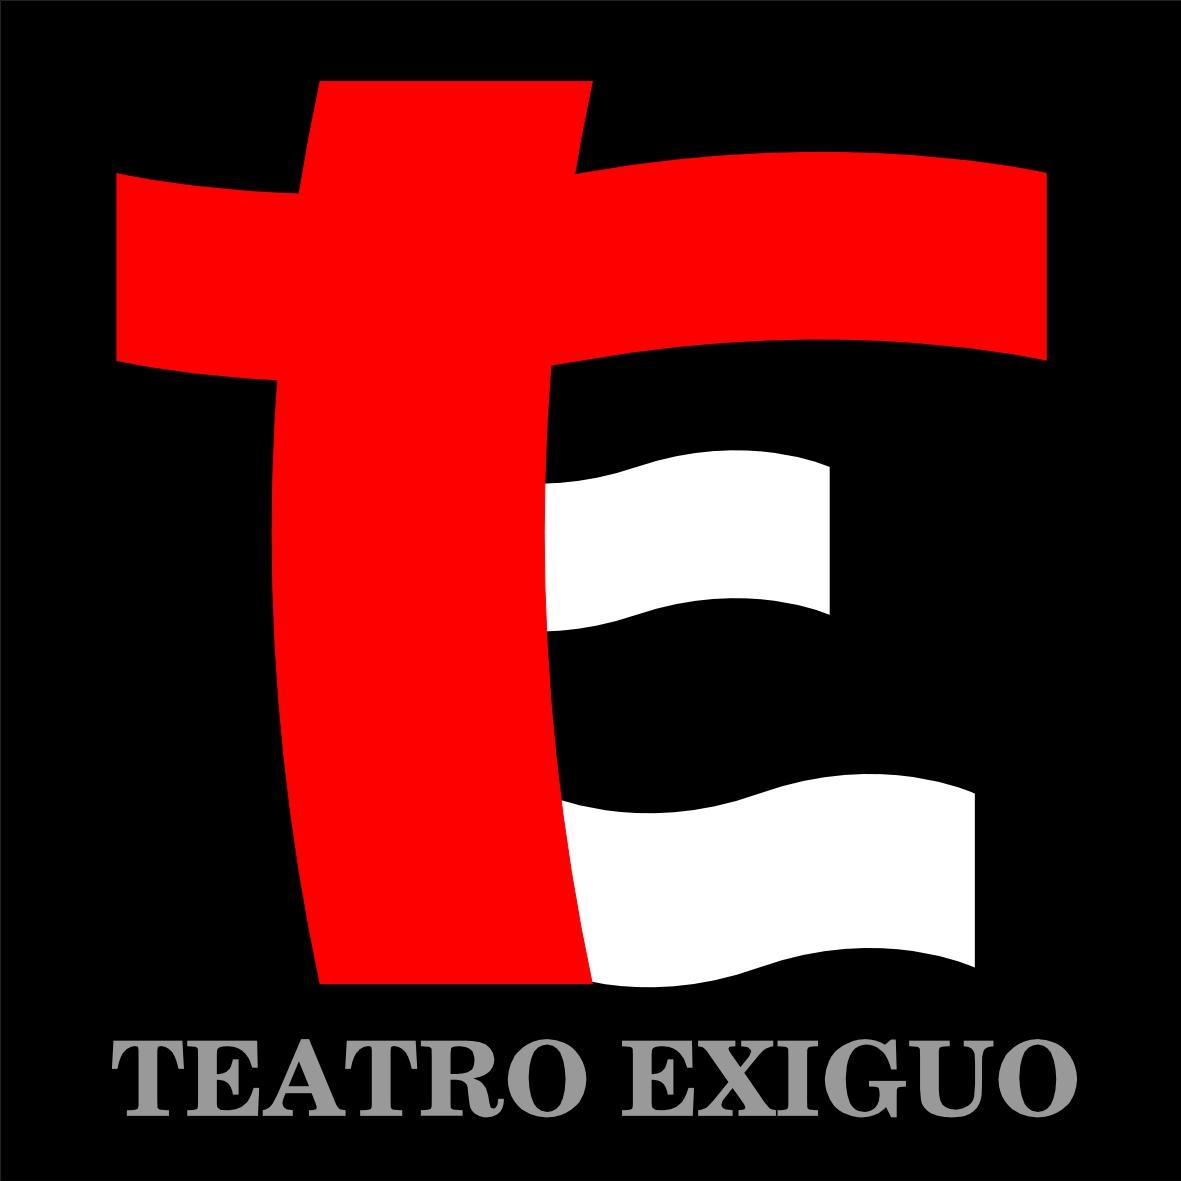 imagen de la compañía - Teatro Exiguo